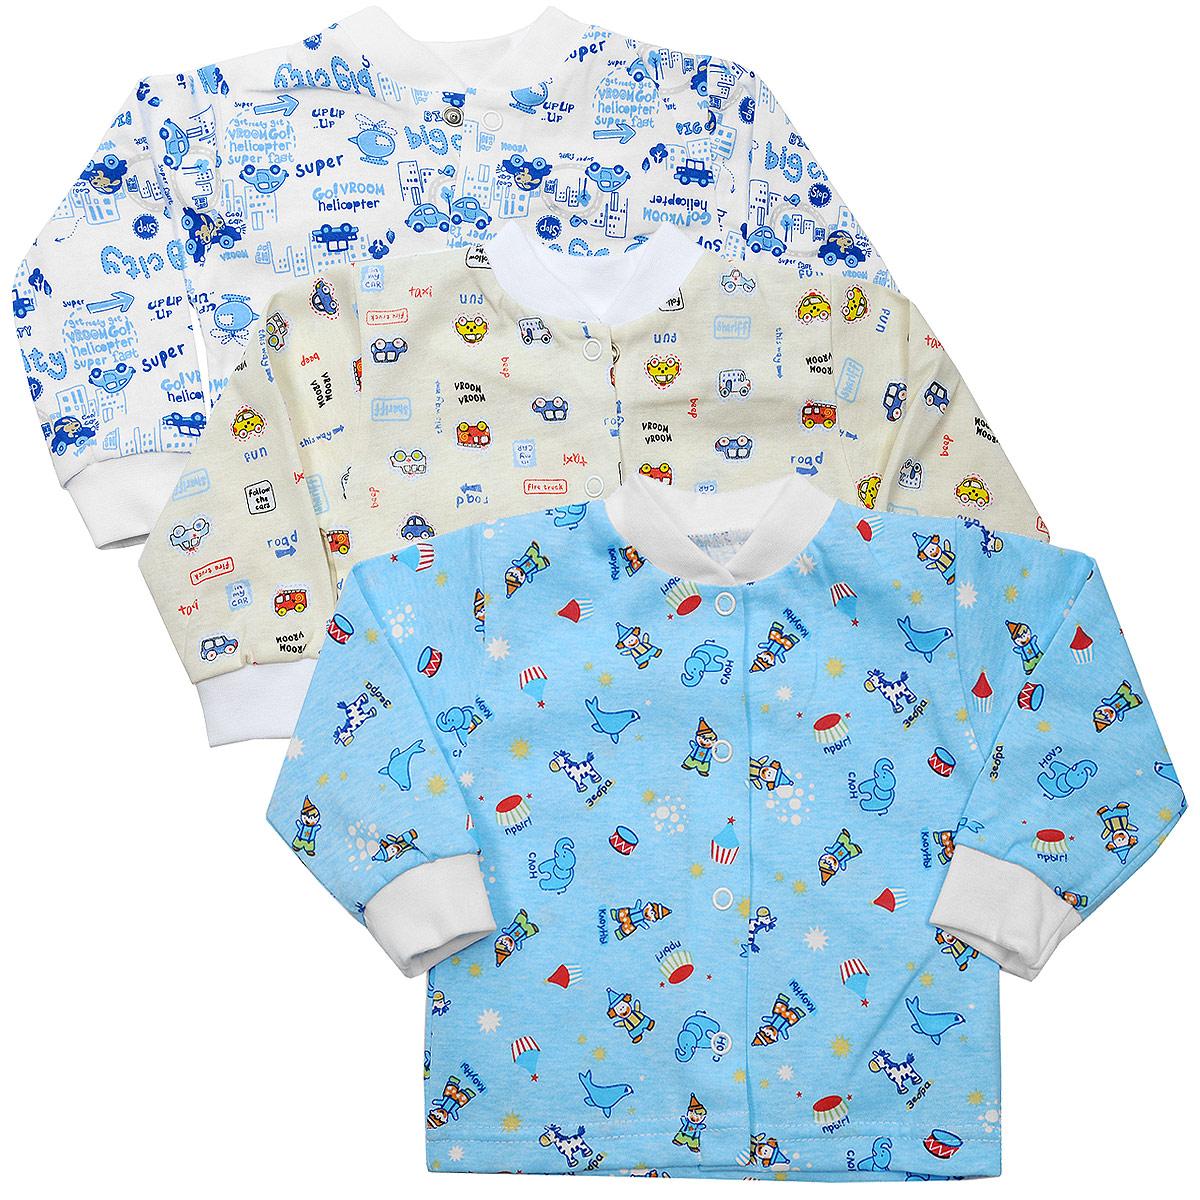 Кофточка для мальчика, 3 шт. 10-201м10-201мКомплект Фреш Стайл состоит из трех кофточек для мальчика. Кофточки с длинными рукавами послужат идеальным дополнением к гардеробу малыша, обеспечивая ему наибольший комфорт. Изготовленные из натурального хлопка, они необычайно мягкие и легкие, не раздражают нежную кожу ребенка и хорошо вентилируются, а эластичные швы приятны телу малыша и не препятствуют его движениям. Удобные застежки-кнопки по всей длине помогают легко переодеть малыша. Застежки-кнопки располагаются по центру модели. Воротник-стойка дополнен эластичной резинкой. Украшены кофточки яркими рисунками. Оригинальный дизайн и яркая расцветка делают эти кофточки модным и стильным предметом детского гардероба. В них вашему малышу всегда будет комфортно и уютно. УВАЖАЕМЫЕ КЛИЕНТЫ! Обращаем ваше внимание на тот факт, что товар поставляется в цветовом ассортименте. Поставка осуществляется в зависимости от наличия на складе.